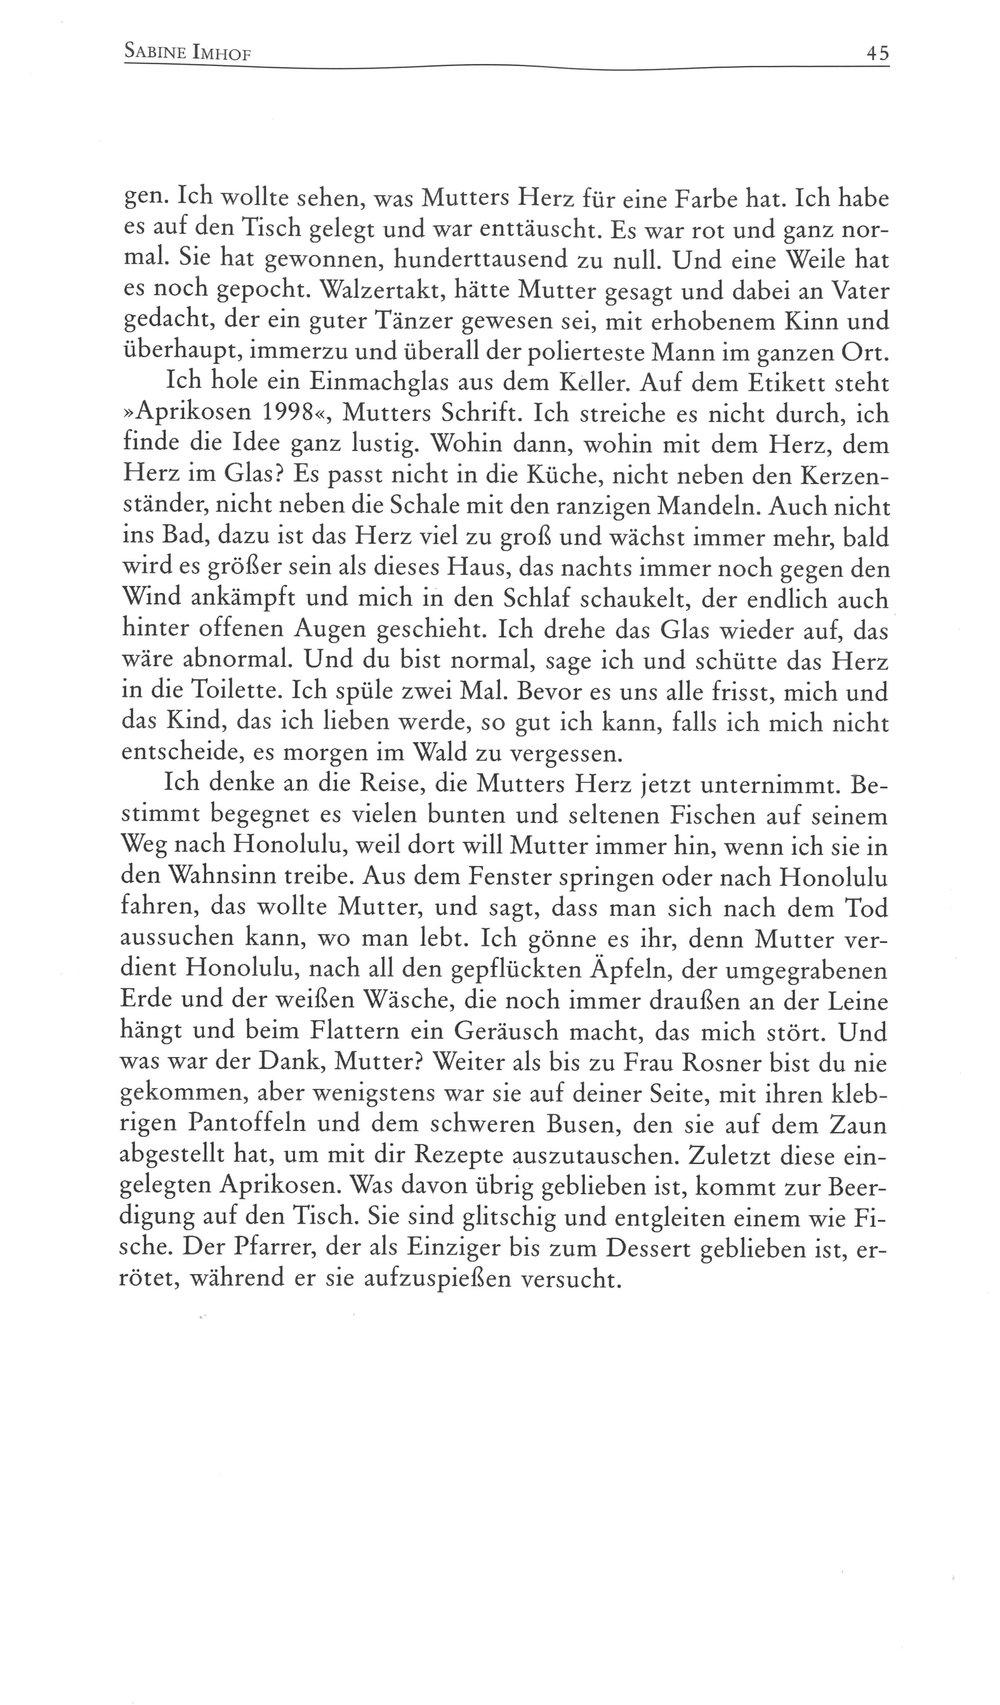 Freiberger Lesehefte_8_3:3_mini.jpg